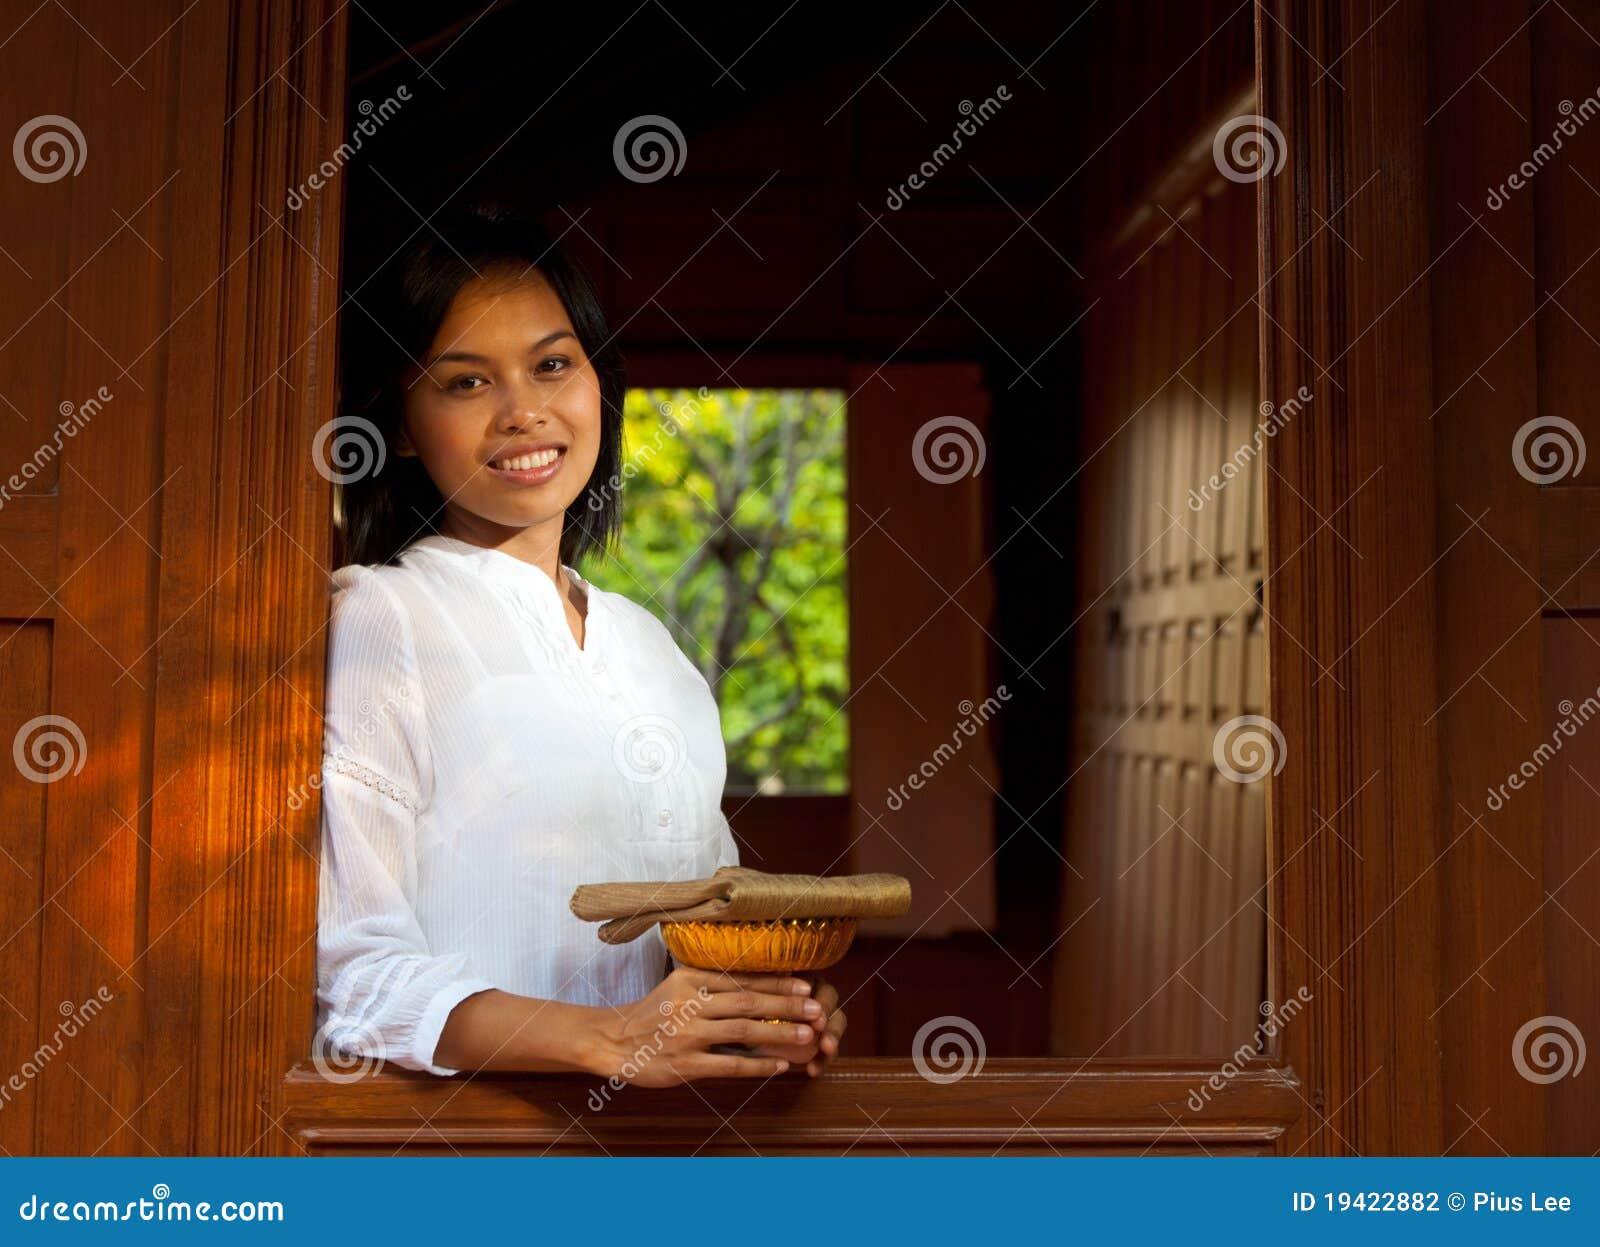 Mooie dame leaning out thai teak huis stock foto afbeelding 19422882 - Mooie huis foto ...